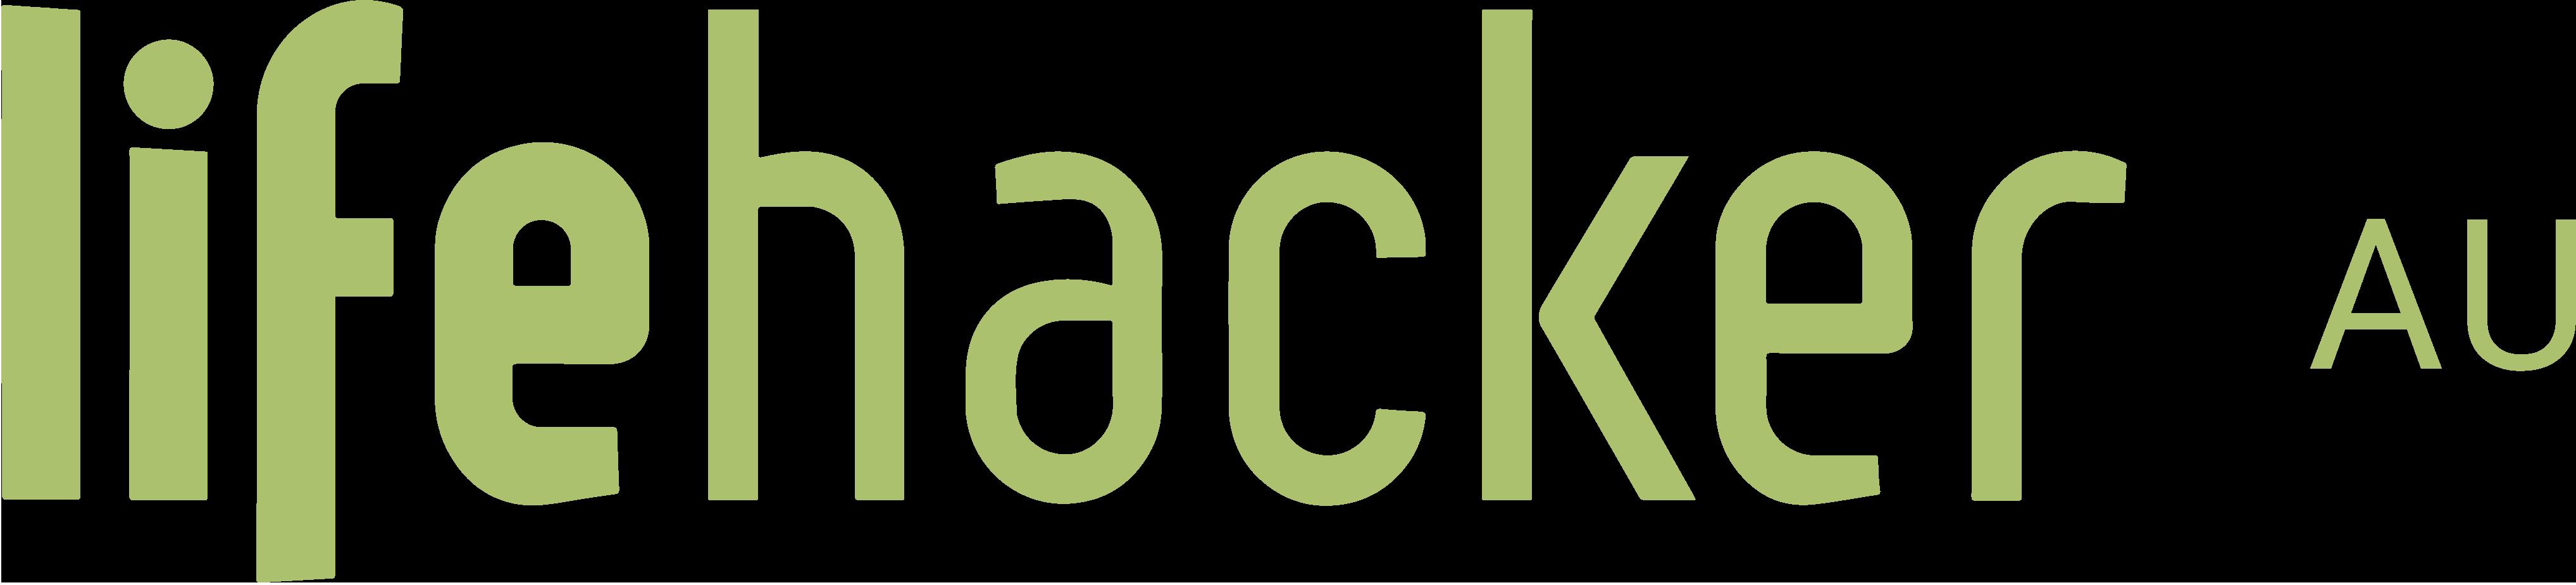 lifehacker.com.au